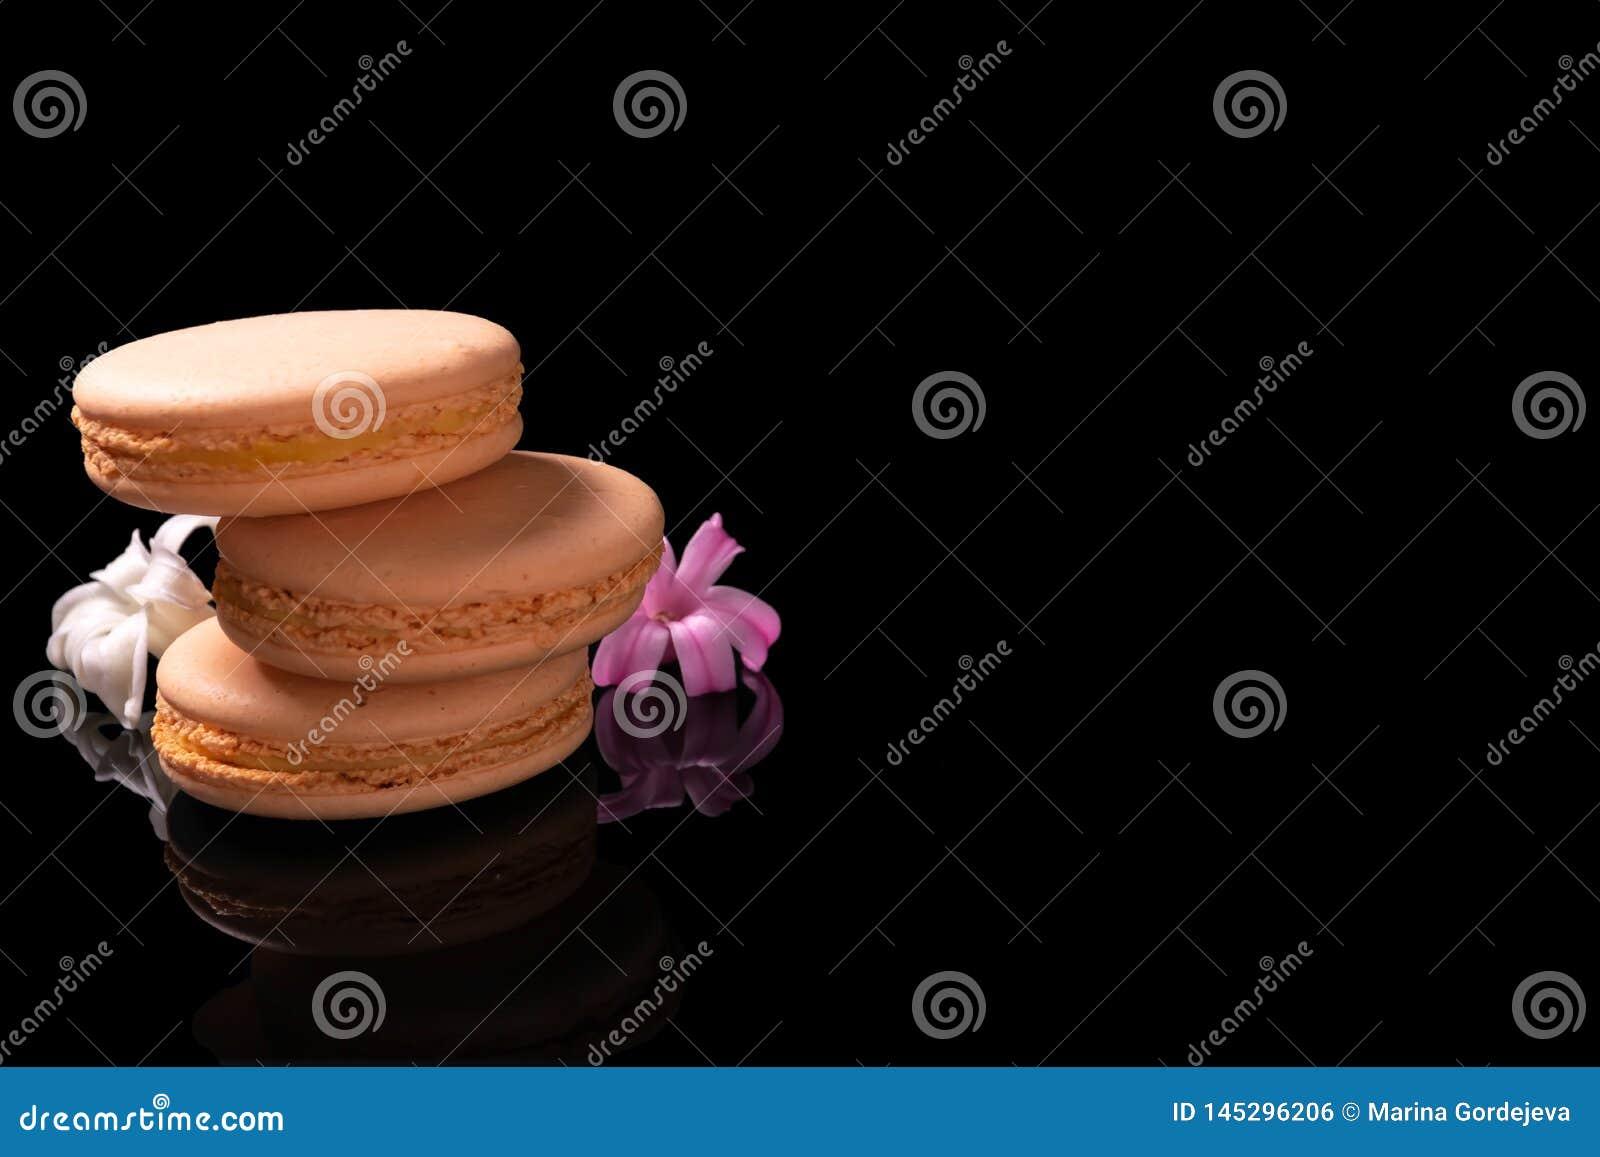 Macarons o macarrones dulces